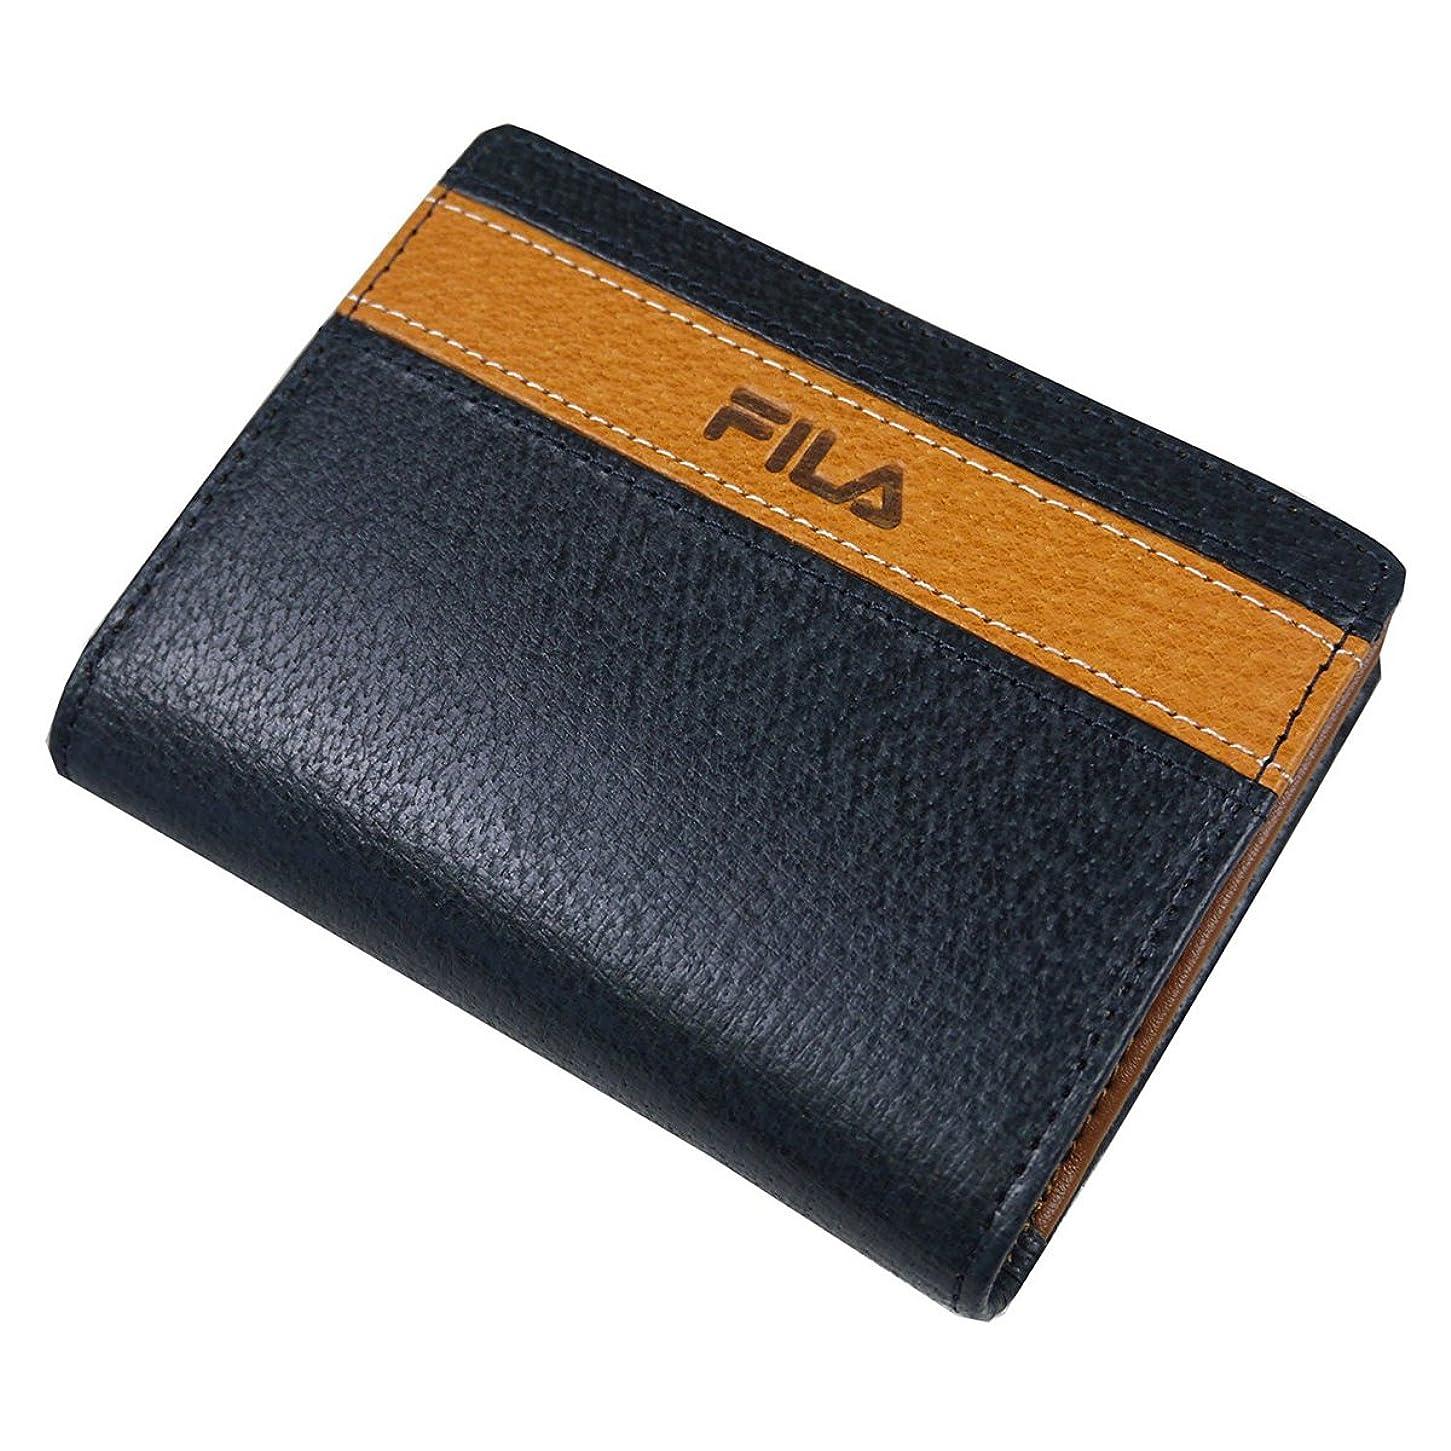 非常に怒っています前投薬単語(フィラ)FILA エフワンシリーズ 二つ折り財布 小銭入れ付き 横型/61fl14